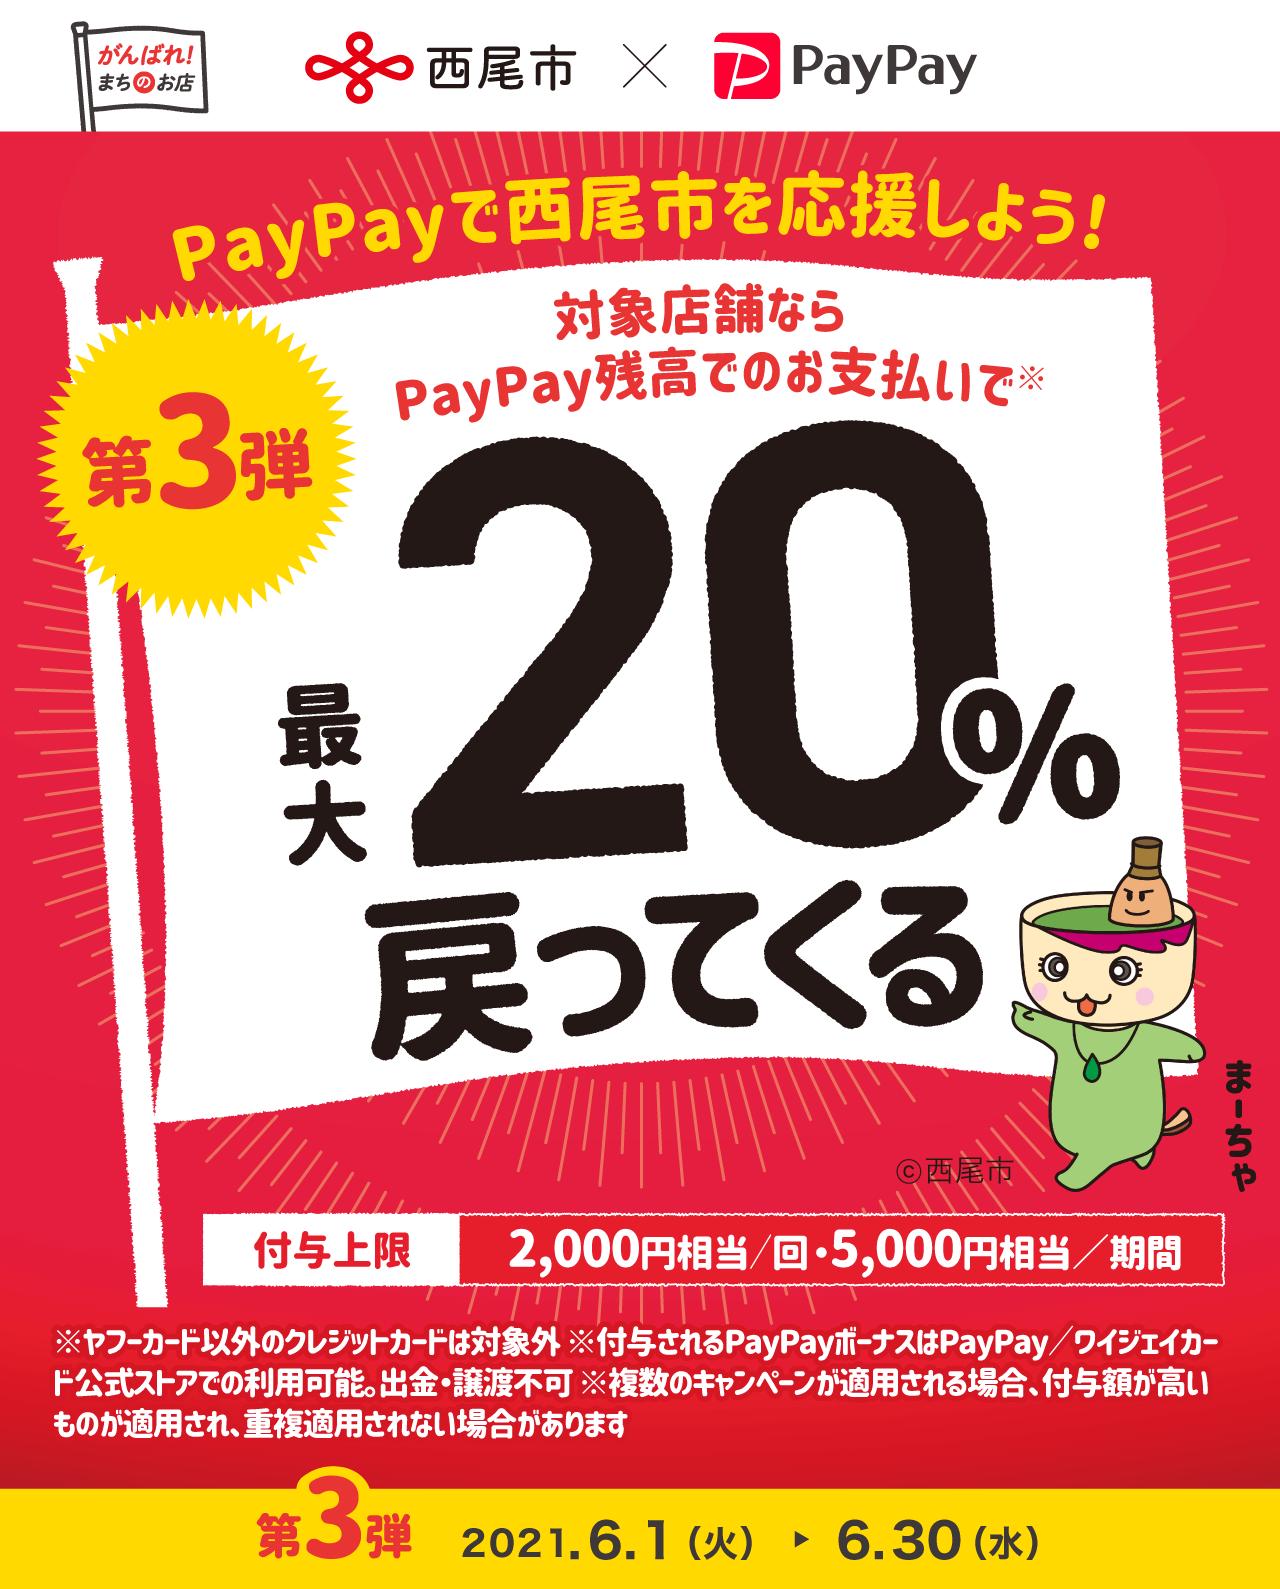 PayPayで西尾市を応援しよう! 第3弾 対象店舗ならPayPay残高でのお支払いで最大20%戻ってくる